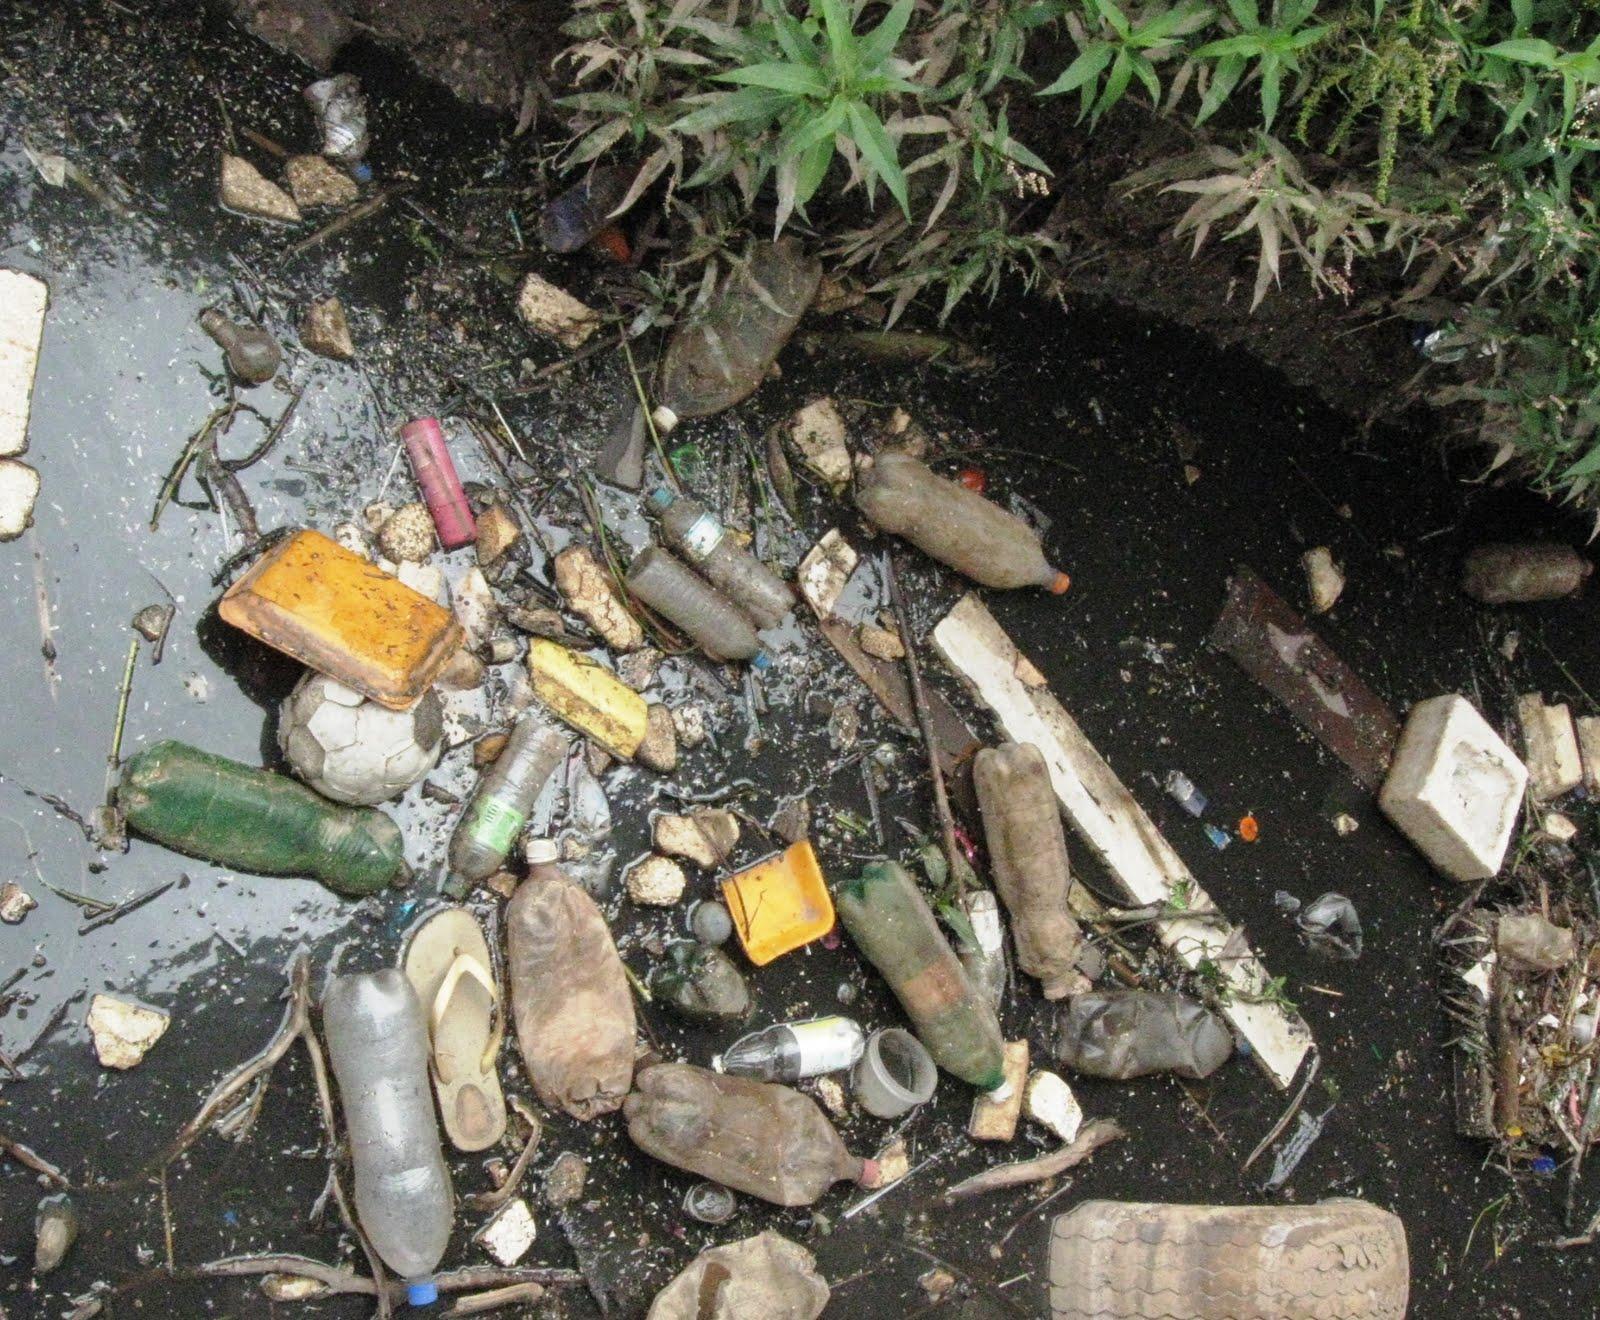 Tabagismo causa enorme dano ao meio ambiente,